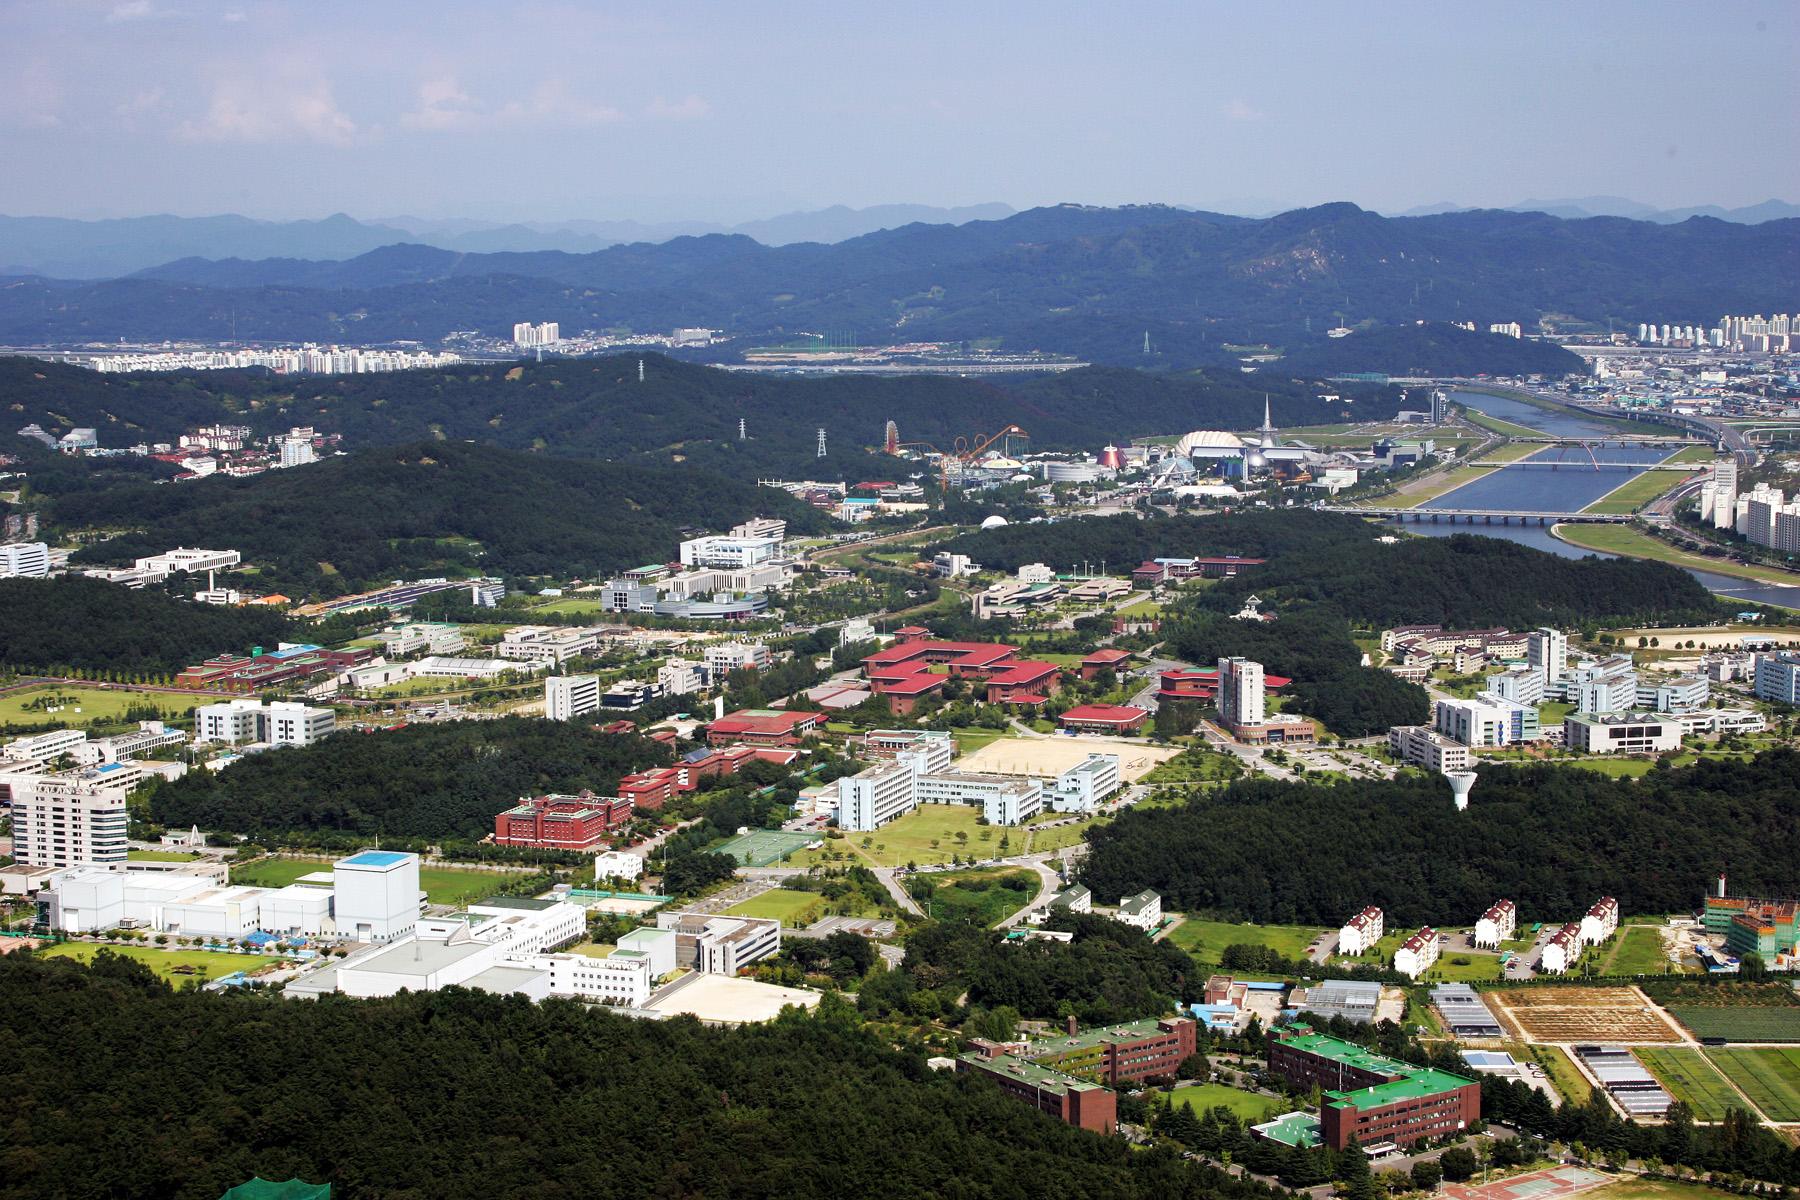 하늘에서 내려다본 대전 대덕특구 전경. 연합뉴스